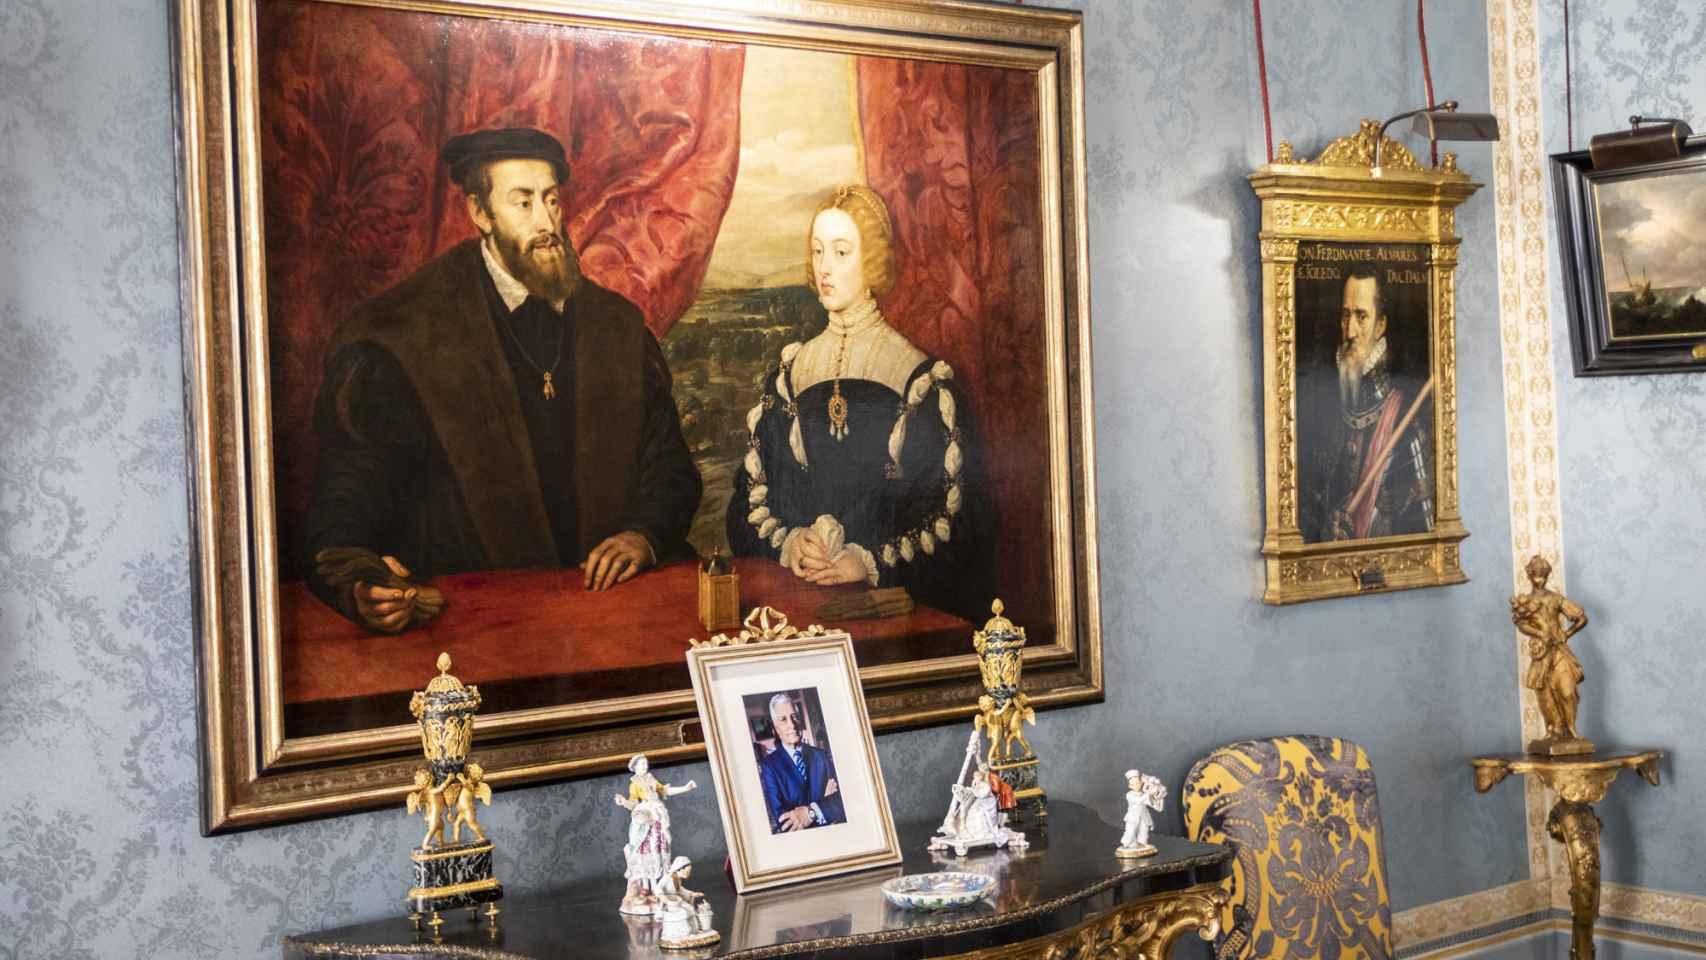 'El emperador Carlos V y la emperatriz Isabel de Portugal', una copia de Rubens del original de Tiziano. Al lado, retrato del Gran Duque de Alba.